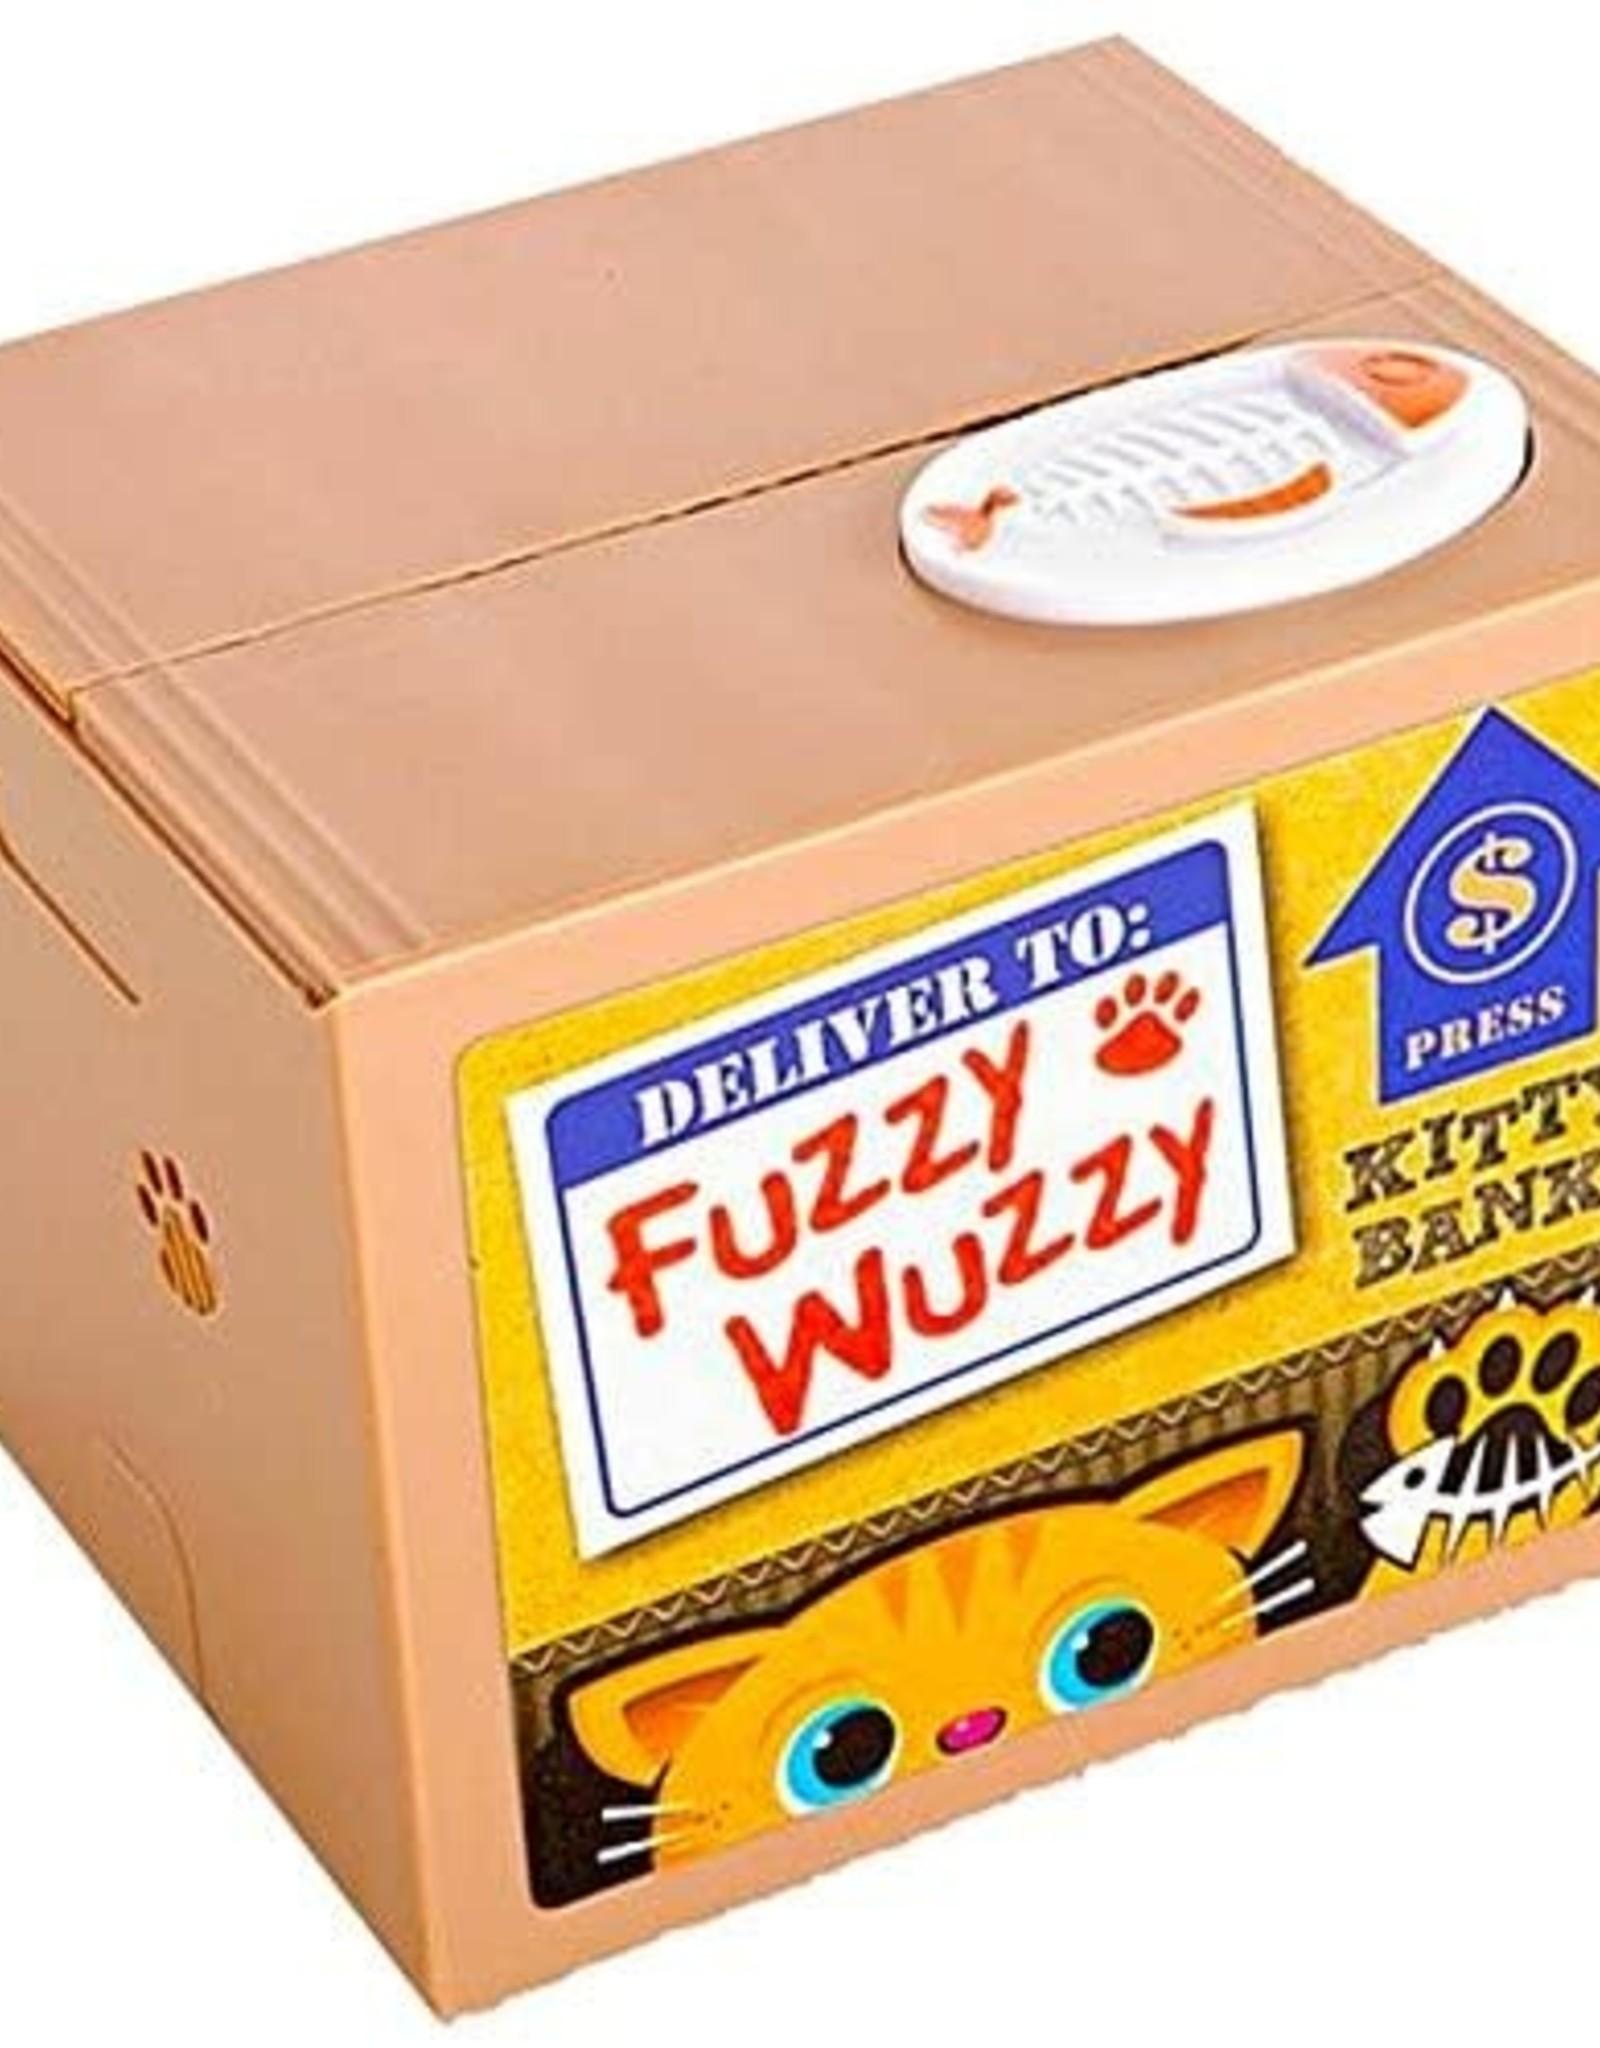 Fuzzy Wuzzy Kitty Bank